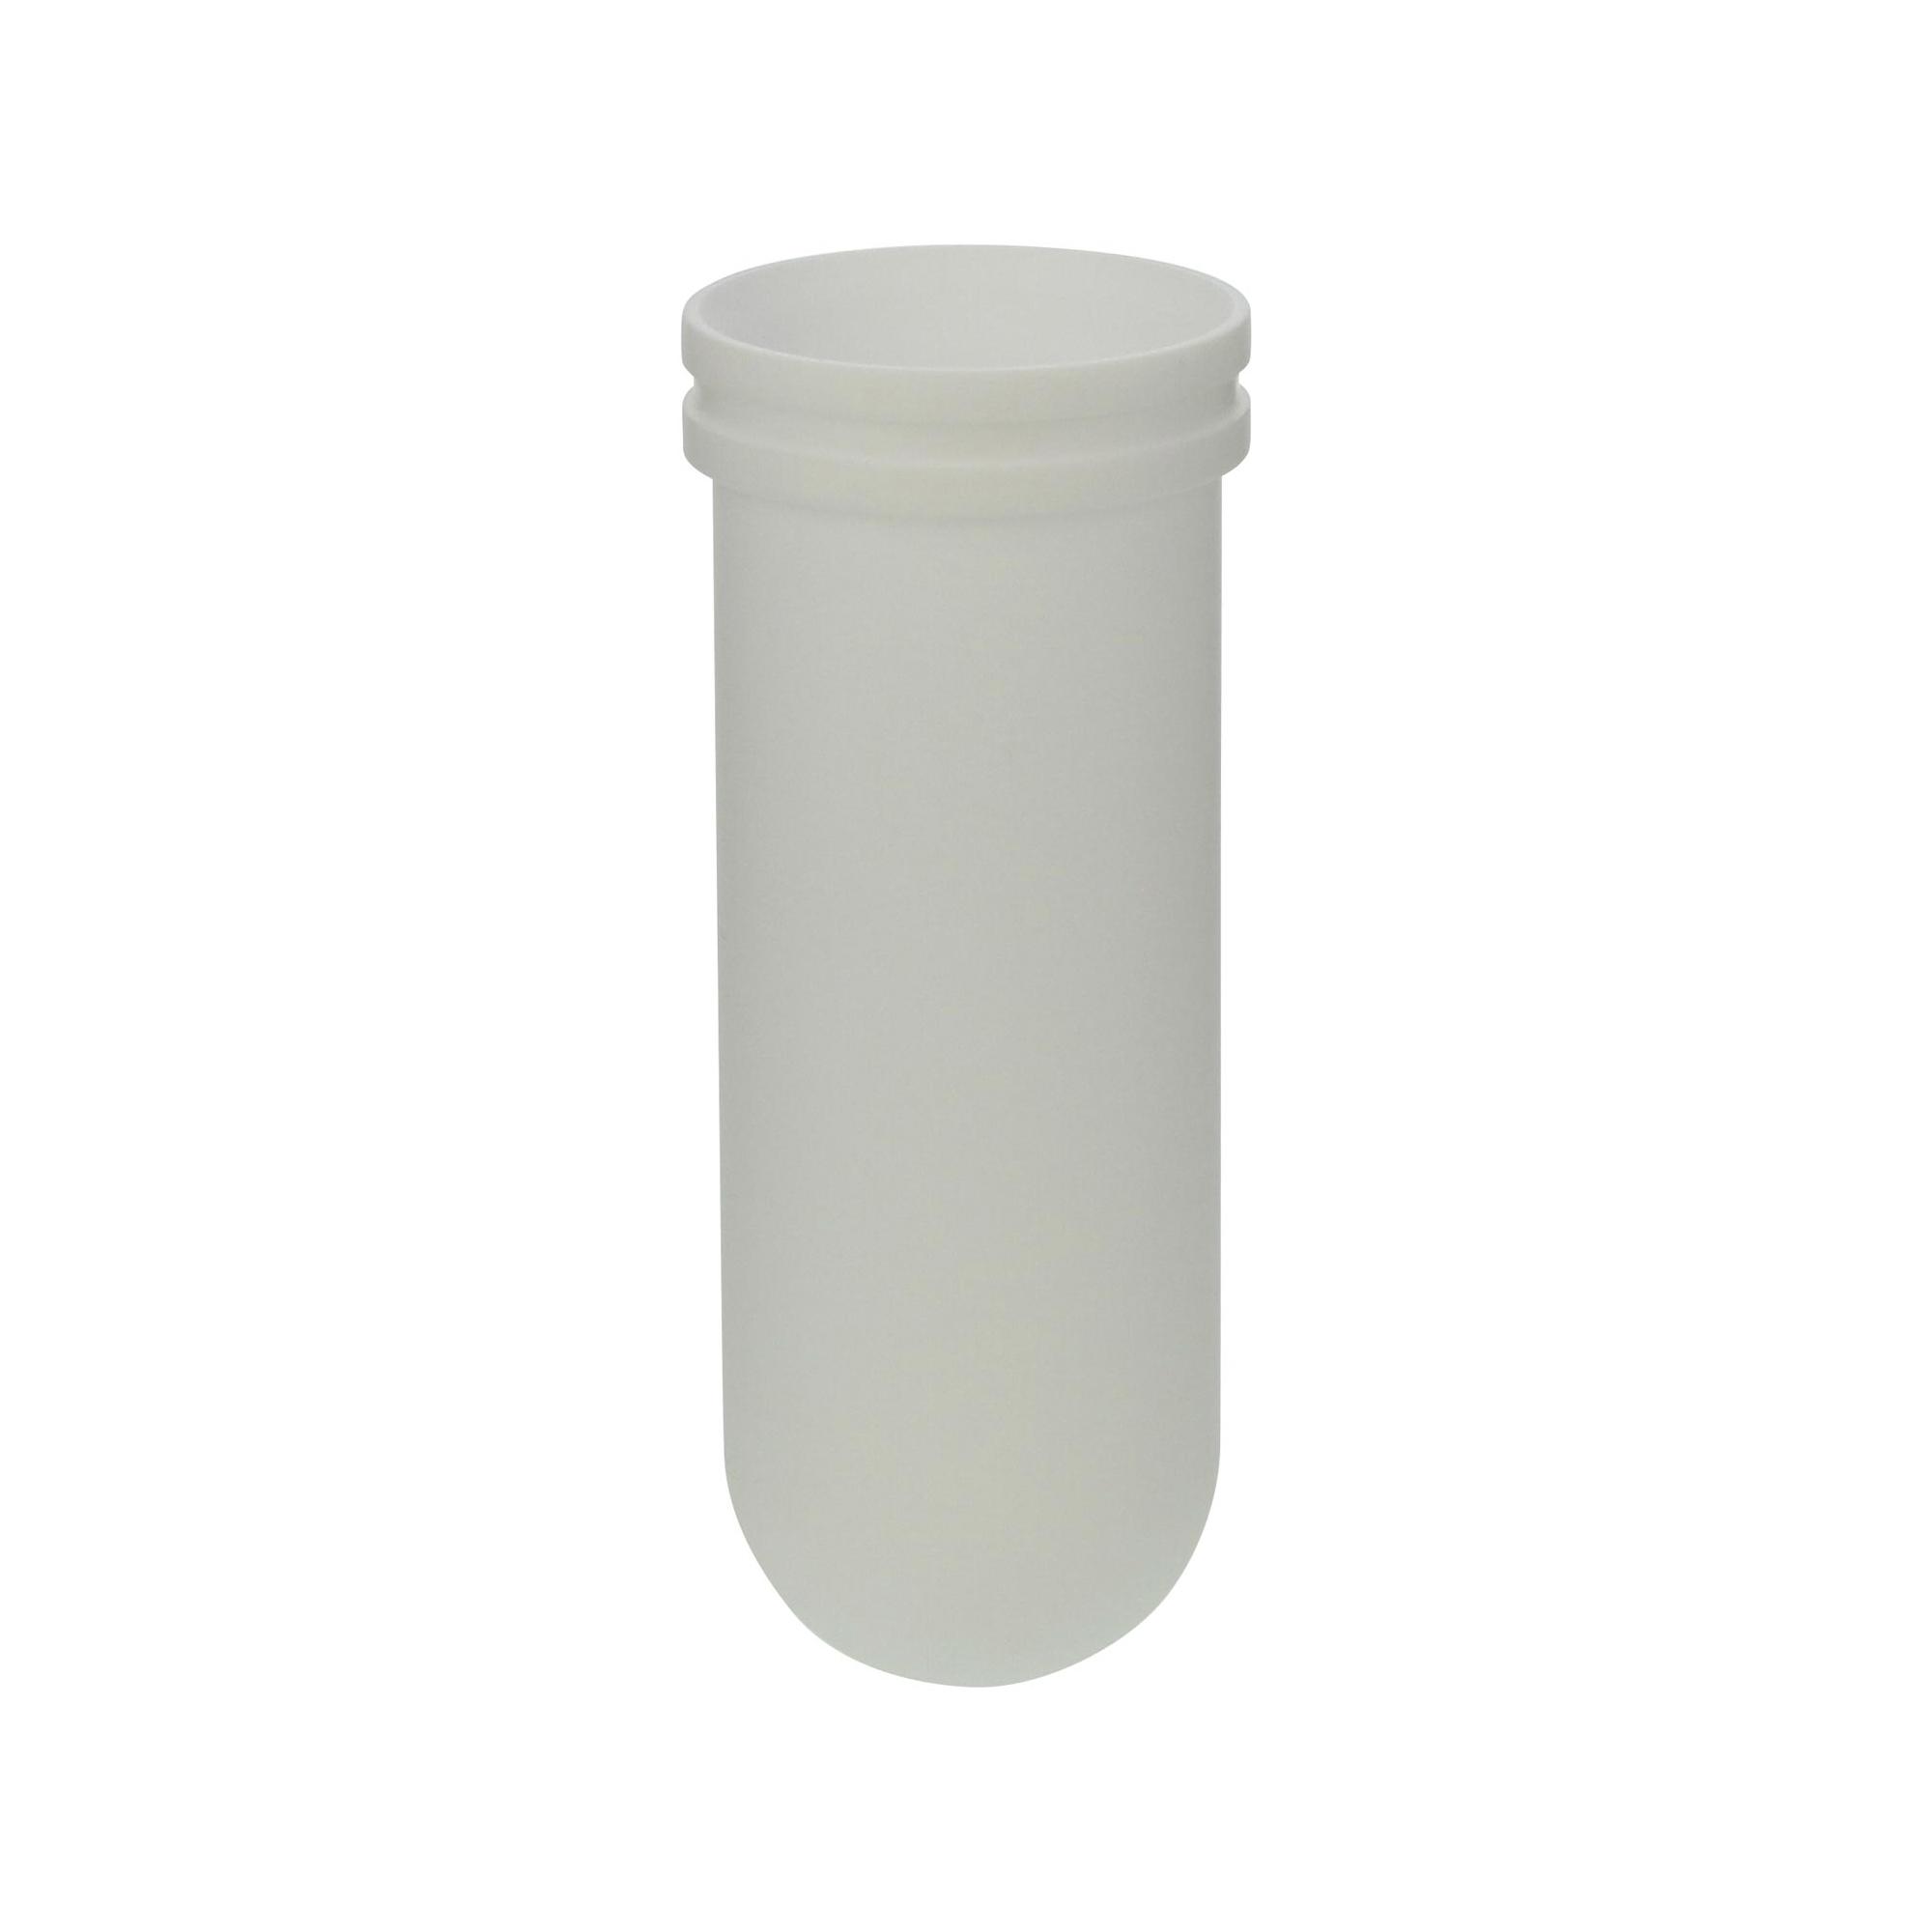 合成·反应装置ケミスト广场CPP - 2210用PTFE内筒容器70毫升|柴田科技有限公司-环境检测设备、科学仪器的制造销售